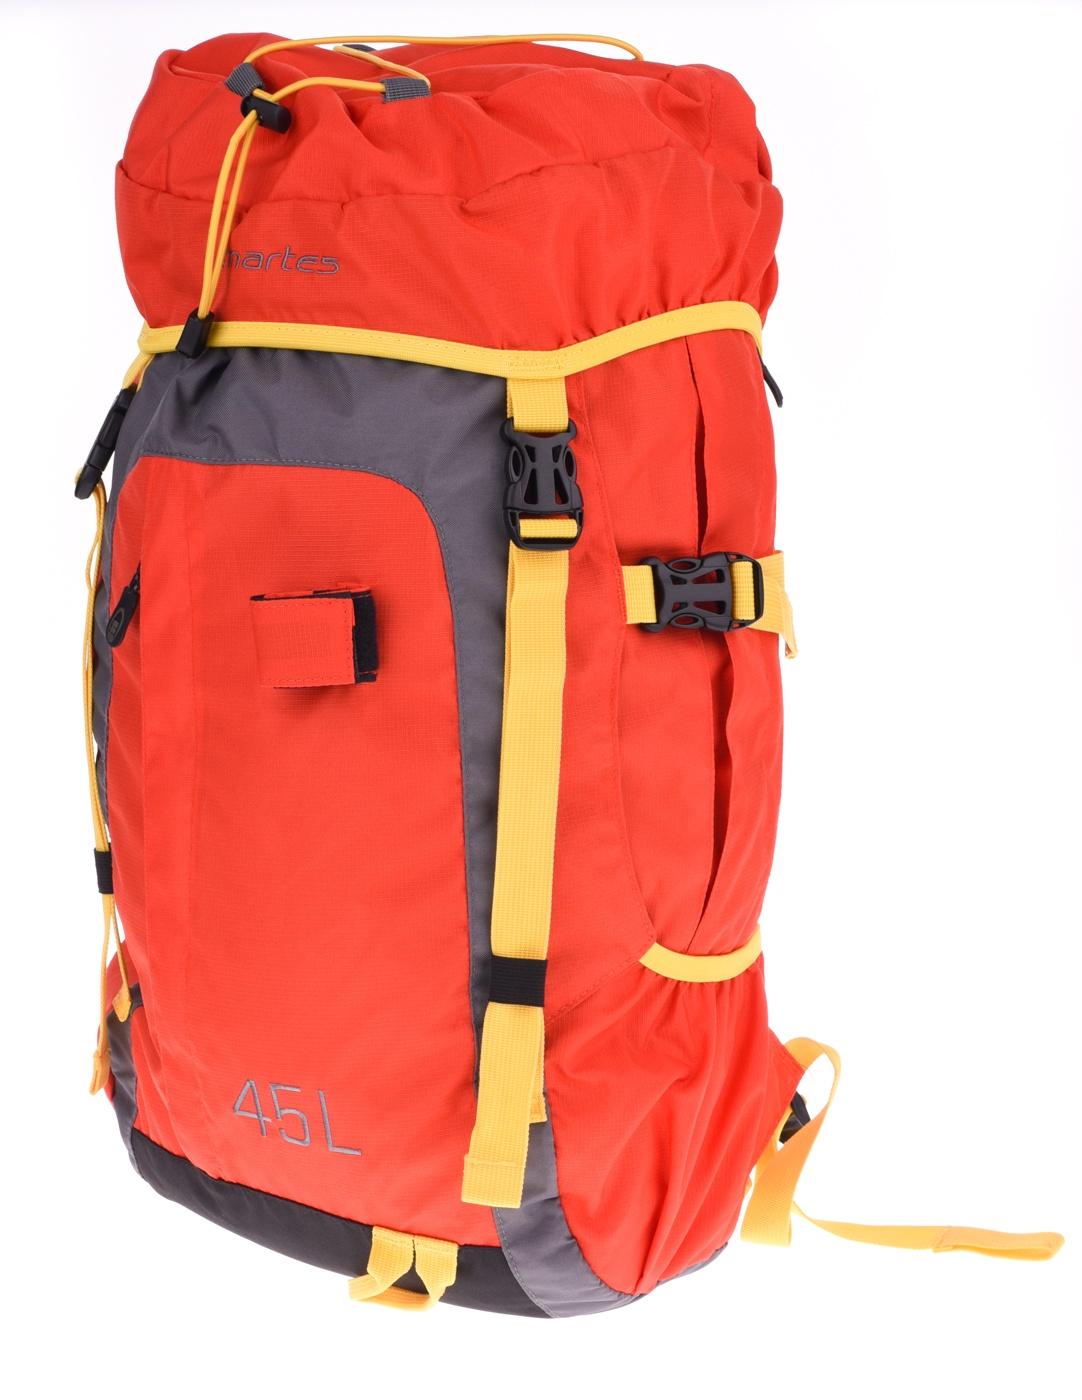 Plecak transportowy Capac marki Martes w obniżonej o 130zł cenie @ Martes Sport